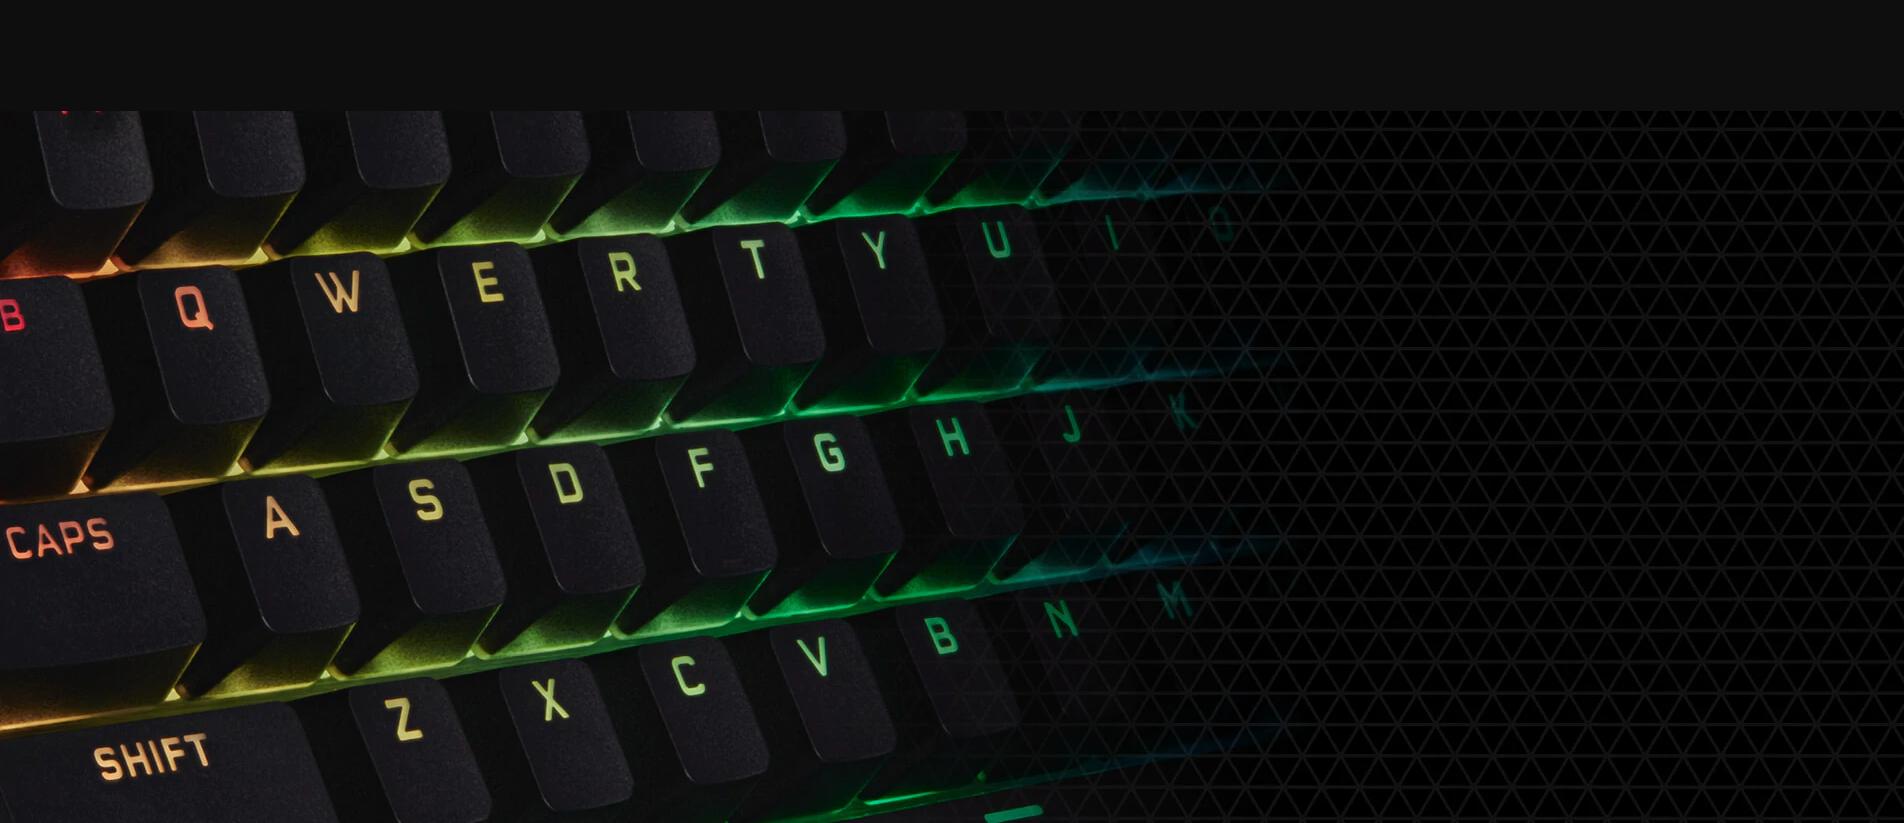 Bàn phím Corsair K60 PRO (USB/Red LED/Cherry MX Viola) (CH-910D029-NA) trang bị bộ keycap PBT Doubleshot bền bỉ